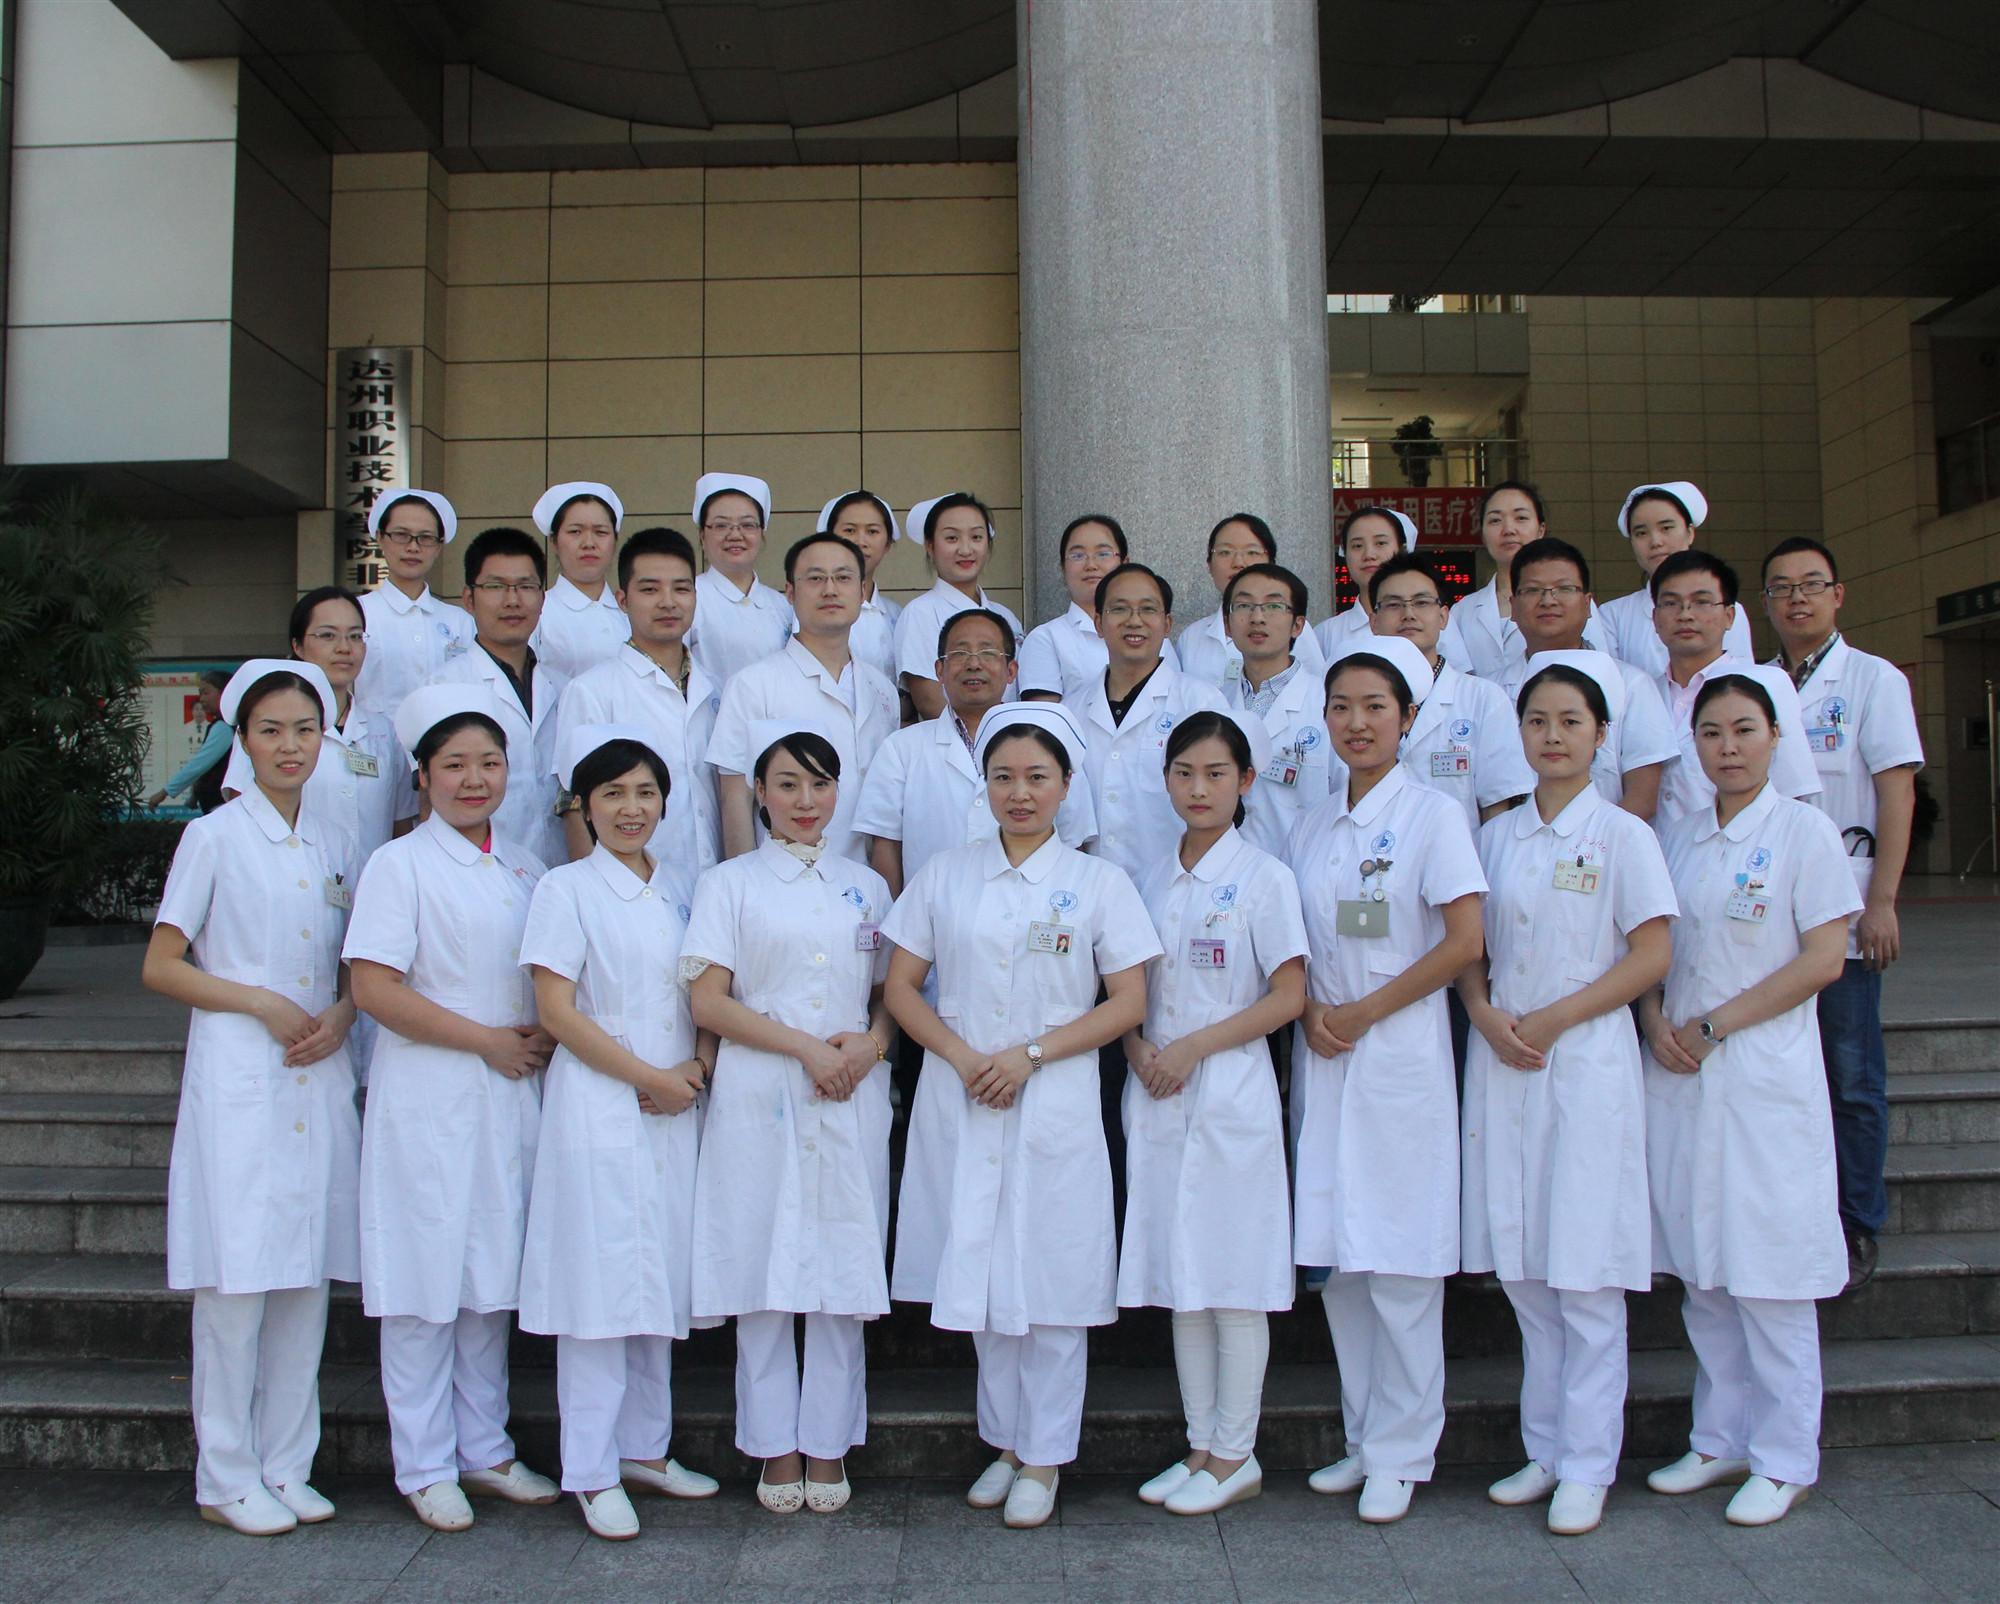 祝贺!达州成功创建首个国家临床重点专科